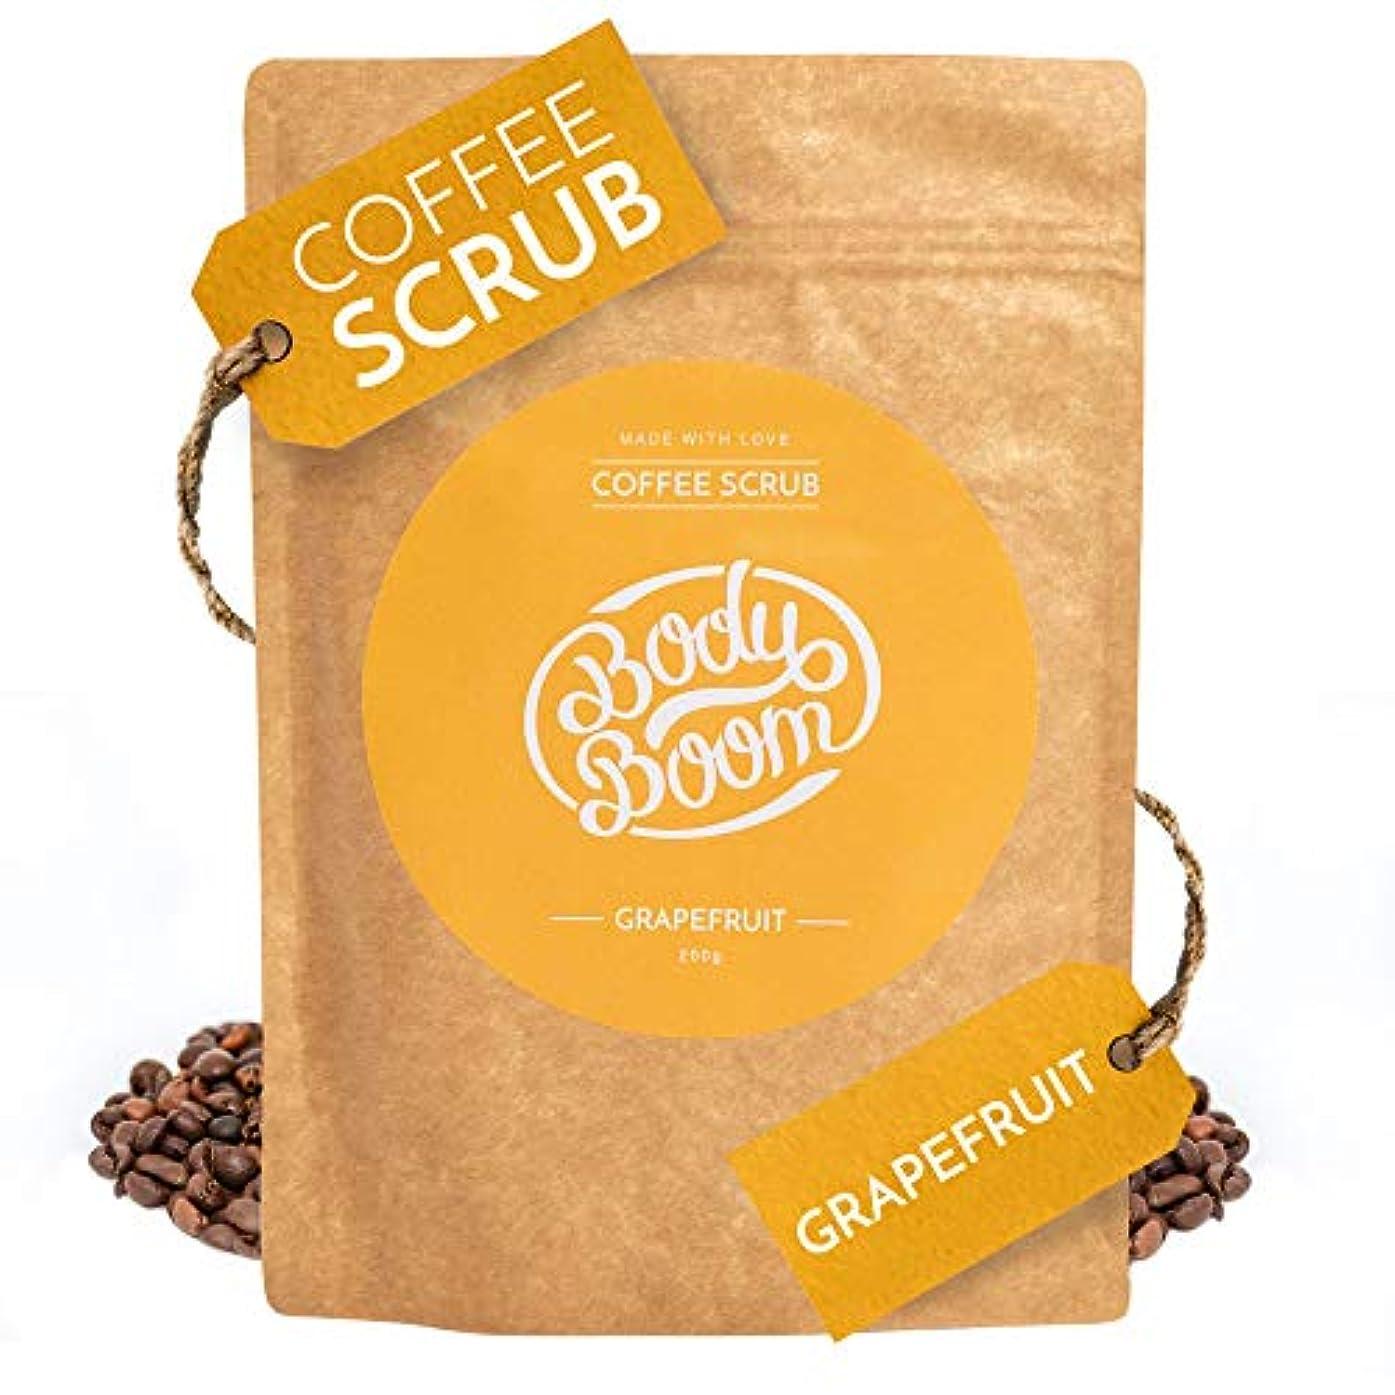 わずかな一般化するおしゃれじゃないコーヒースクラブ Body Boom ボディブーム グレープフルーツ 200g